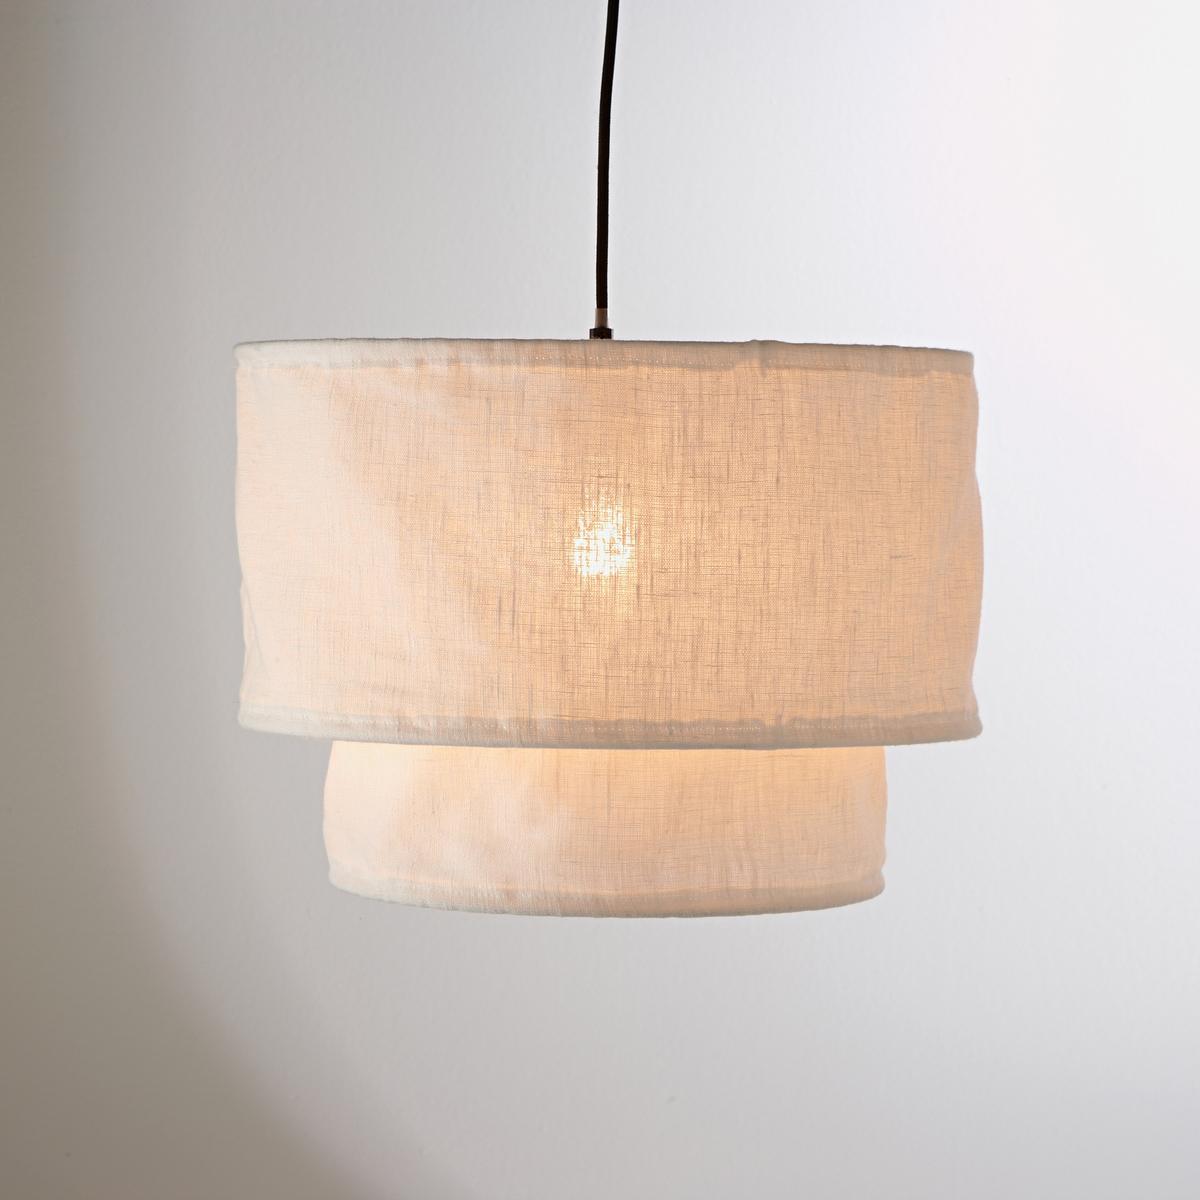 Двойной подвесной абажур, ThadeДвойной подвесной абажур Thade из льна на жесткой раме обеспечивает мягкий и рассеянный свет. Описание двойного подвесного абажура из льна Thade :НеэлектрифицированныйЦоколь E27 для лампы 60 Вт максимум (продается отдельно)Характеристики двойного подвесного абажура из льна Thade :Из льна на жесткой рамеРазмеры двойного подвесного абажура из льна Thade :Абажур высокий, диаметр 40 см, высота22 см Абажур низкий : диаметр 30 см, высота 12 см Всю коллекцию светильников вы можете найти на сайте laredoute.ru.<br><br>Цвет: белый,серый жемчужный,экрю